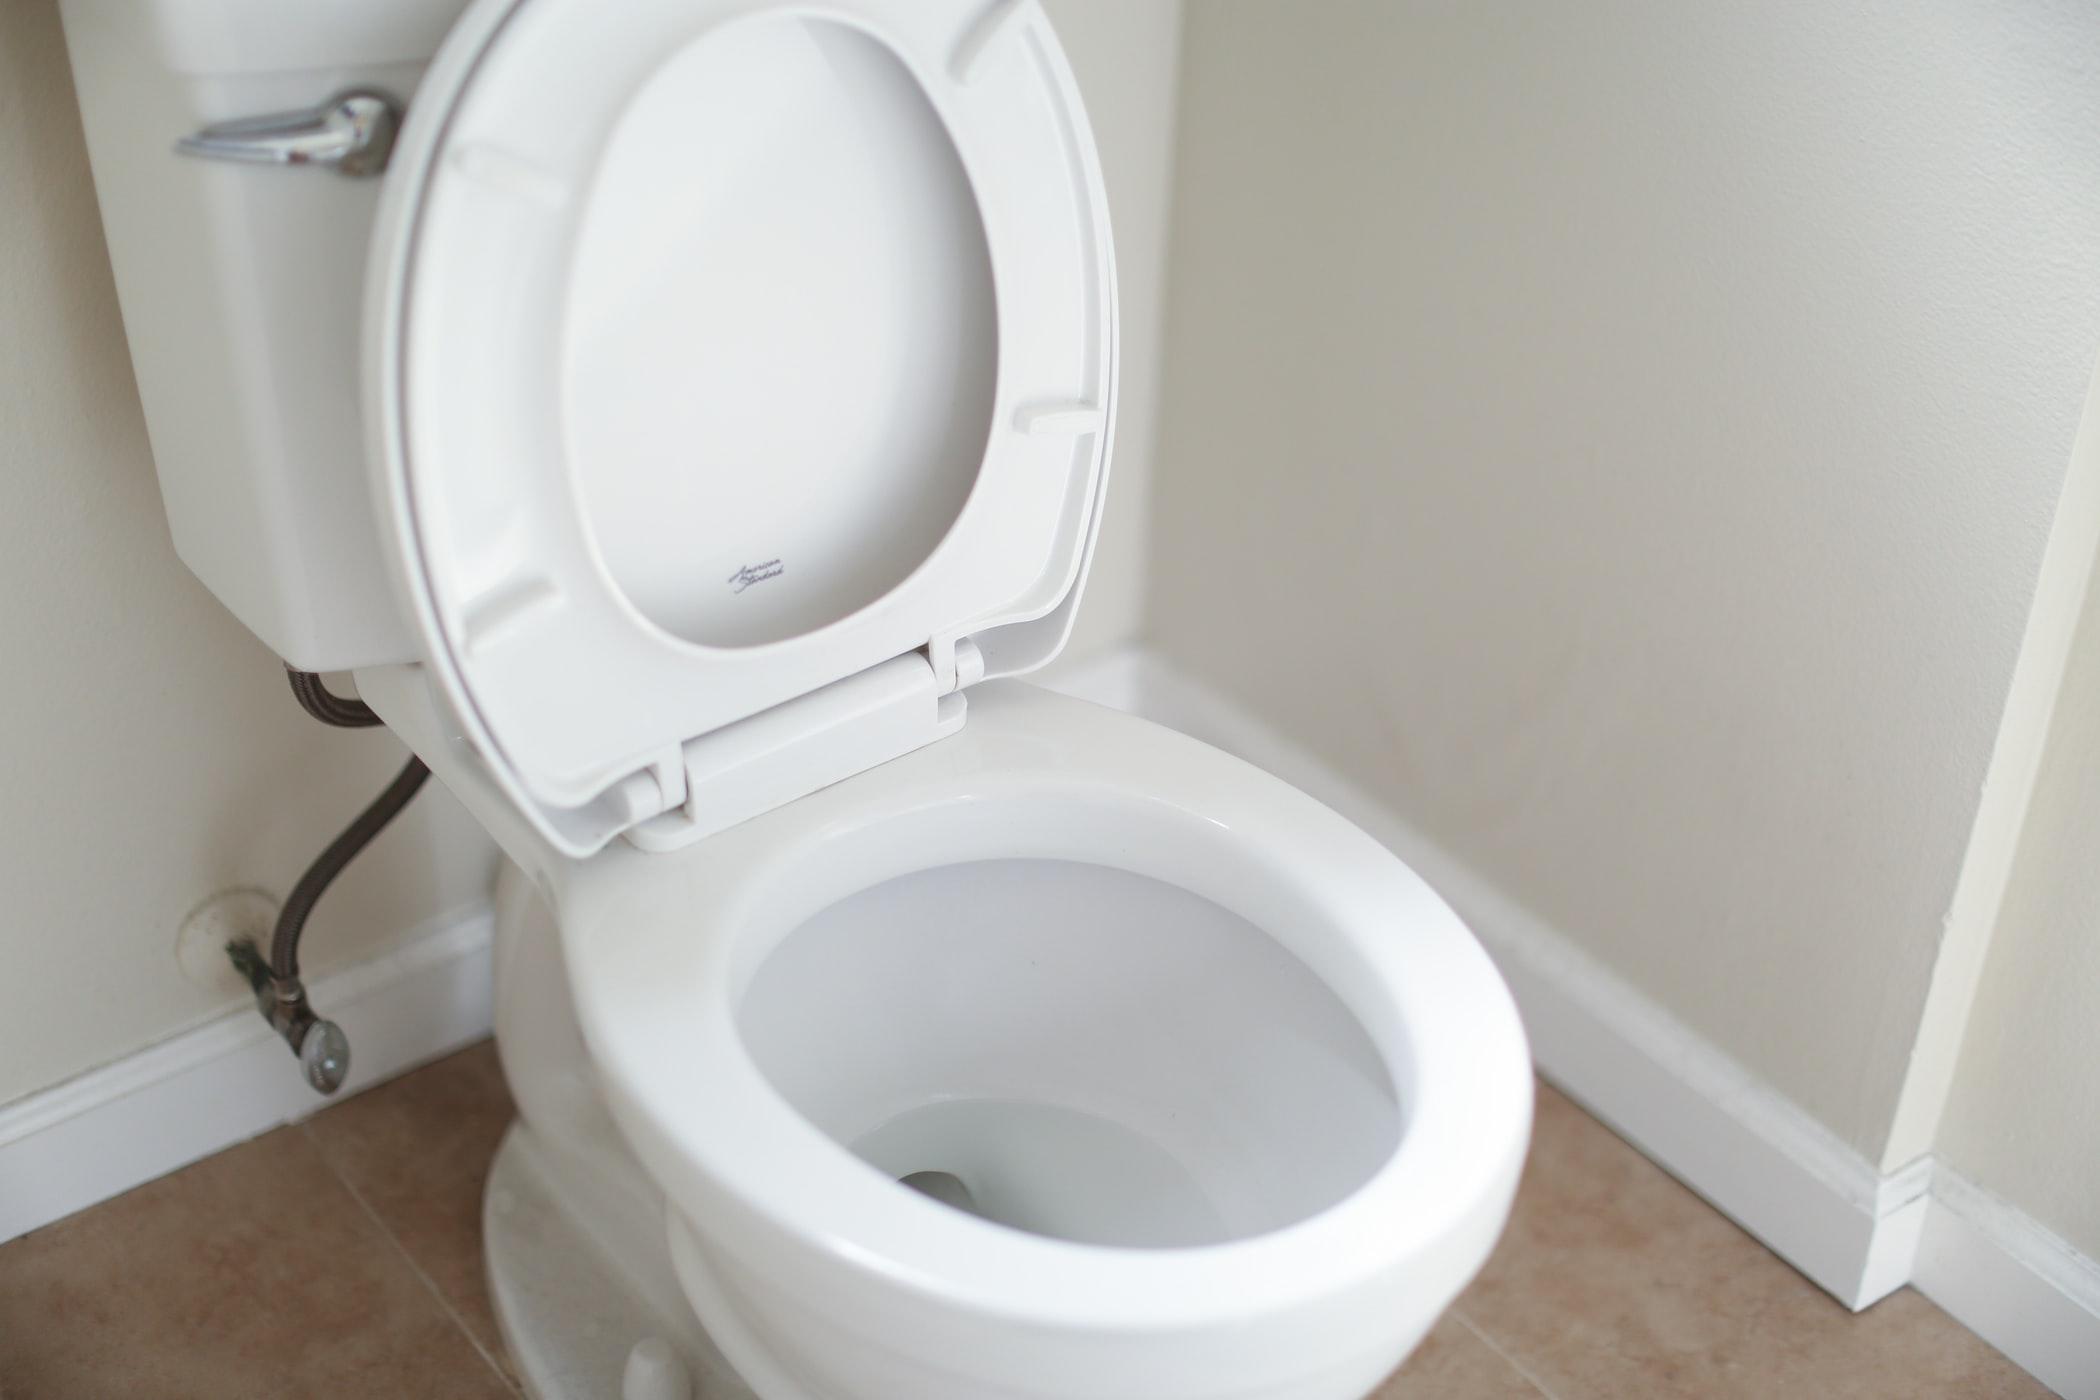 Toilet Service & Repair